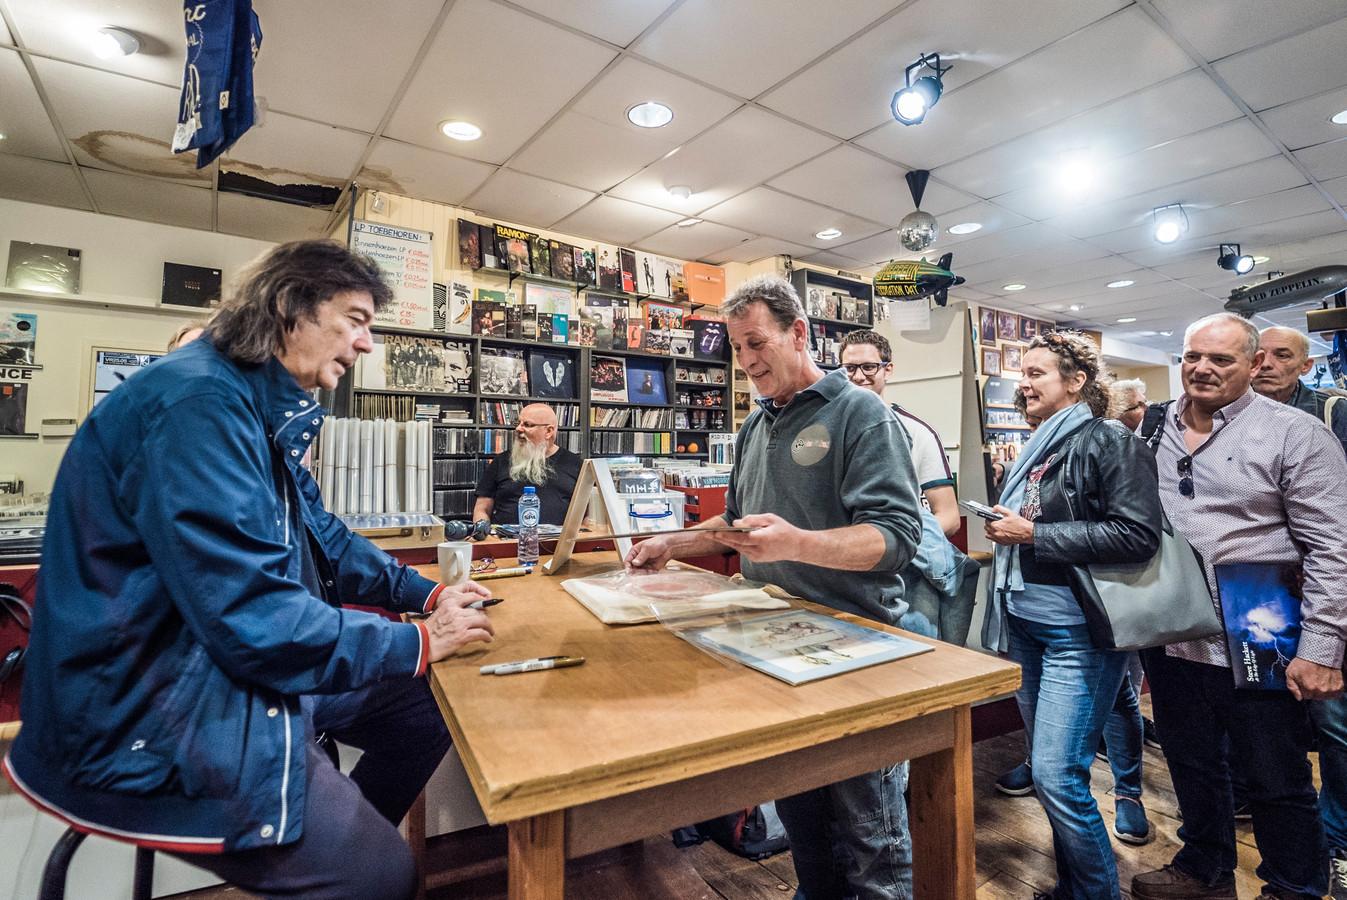 signeersessie van Genesis-legende Steve Hackett bij Velvet music op de Voldersgracht